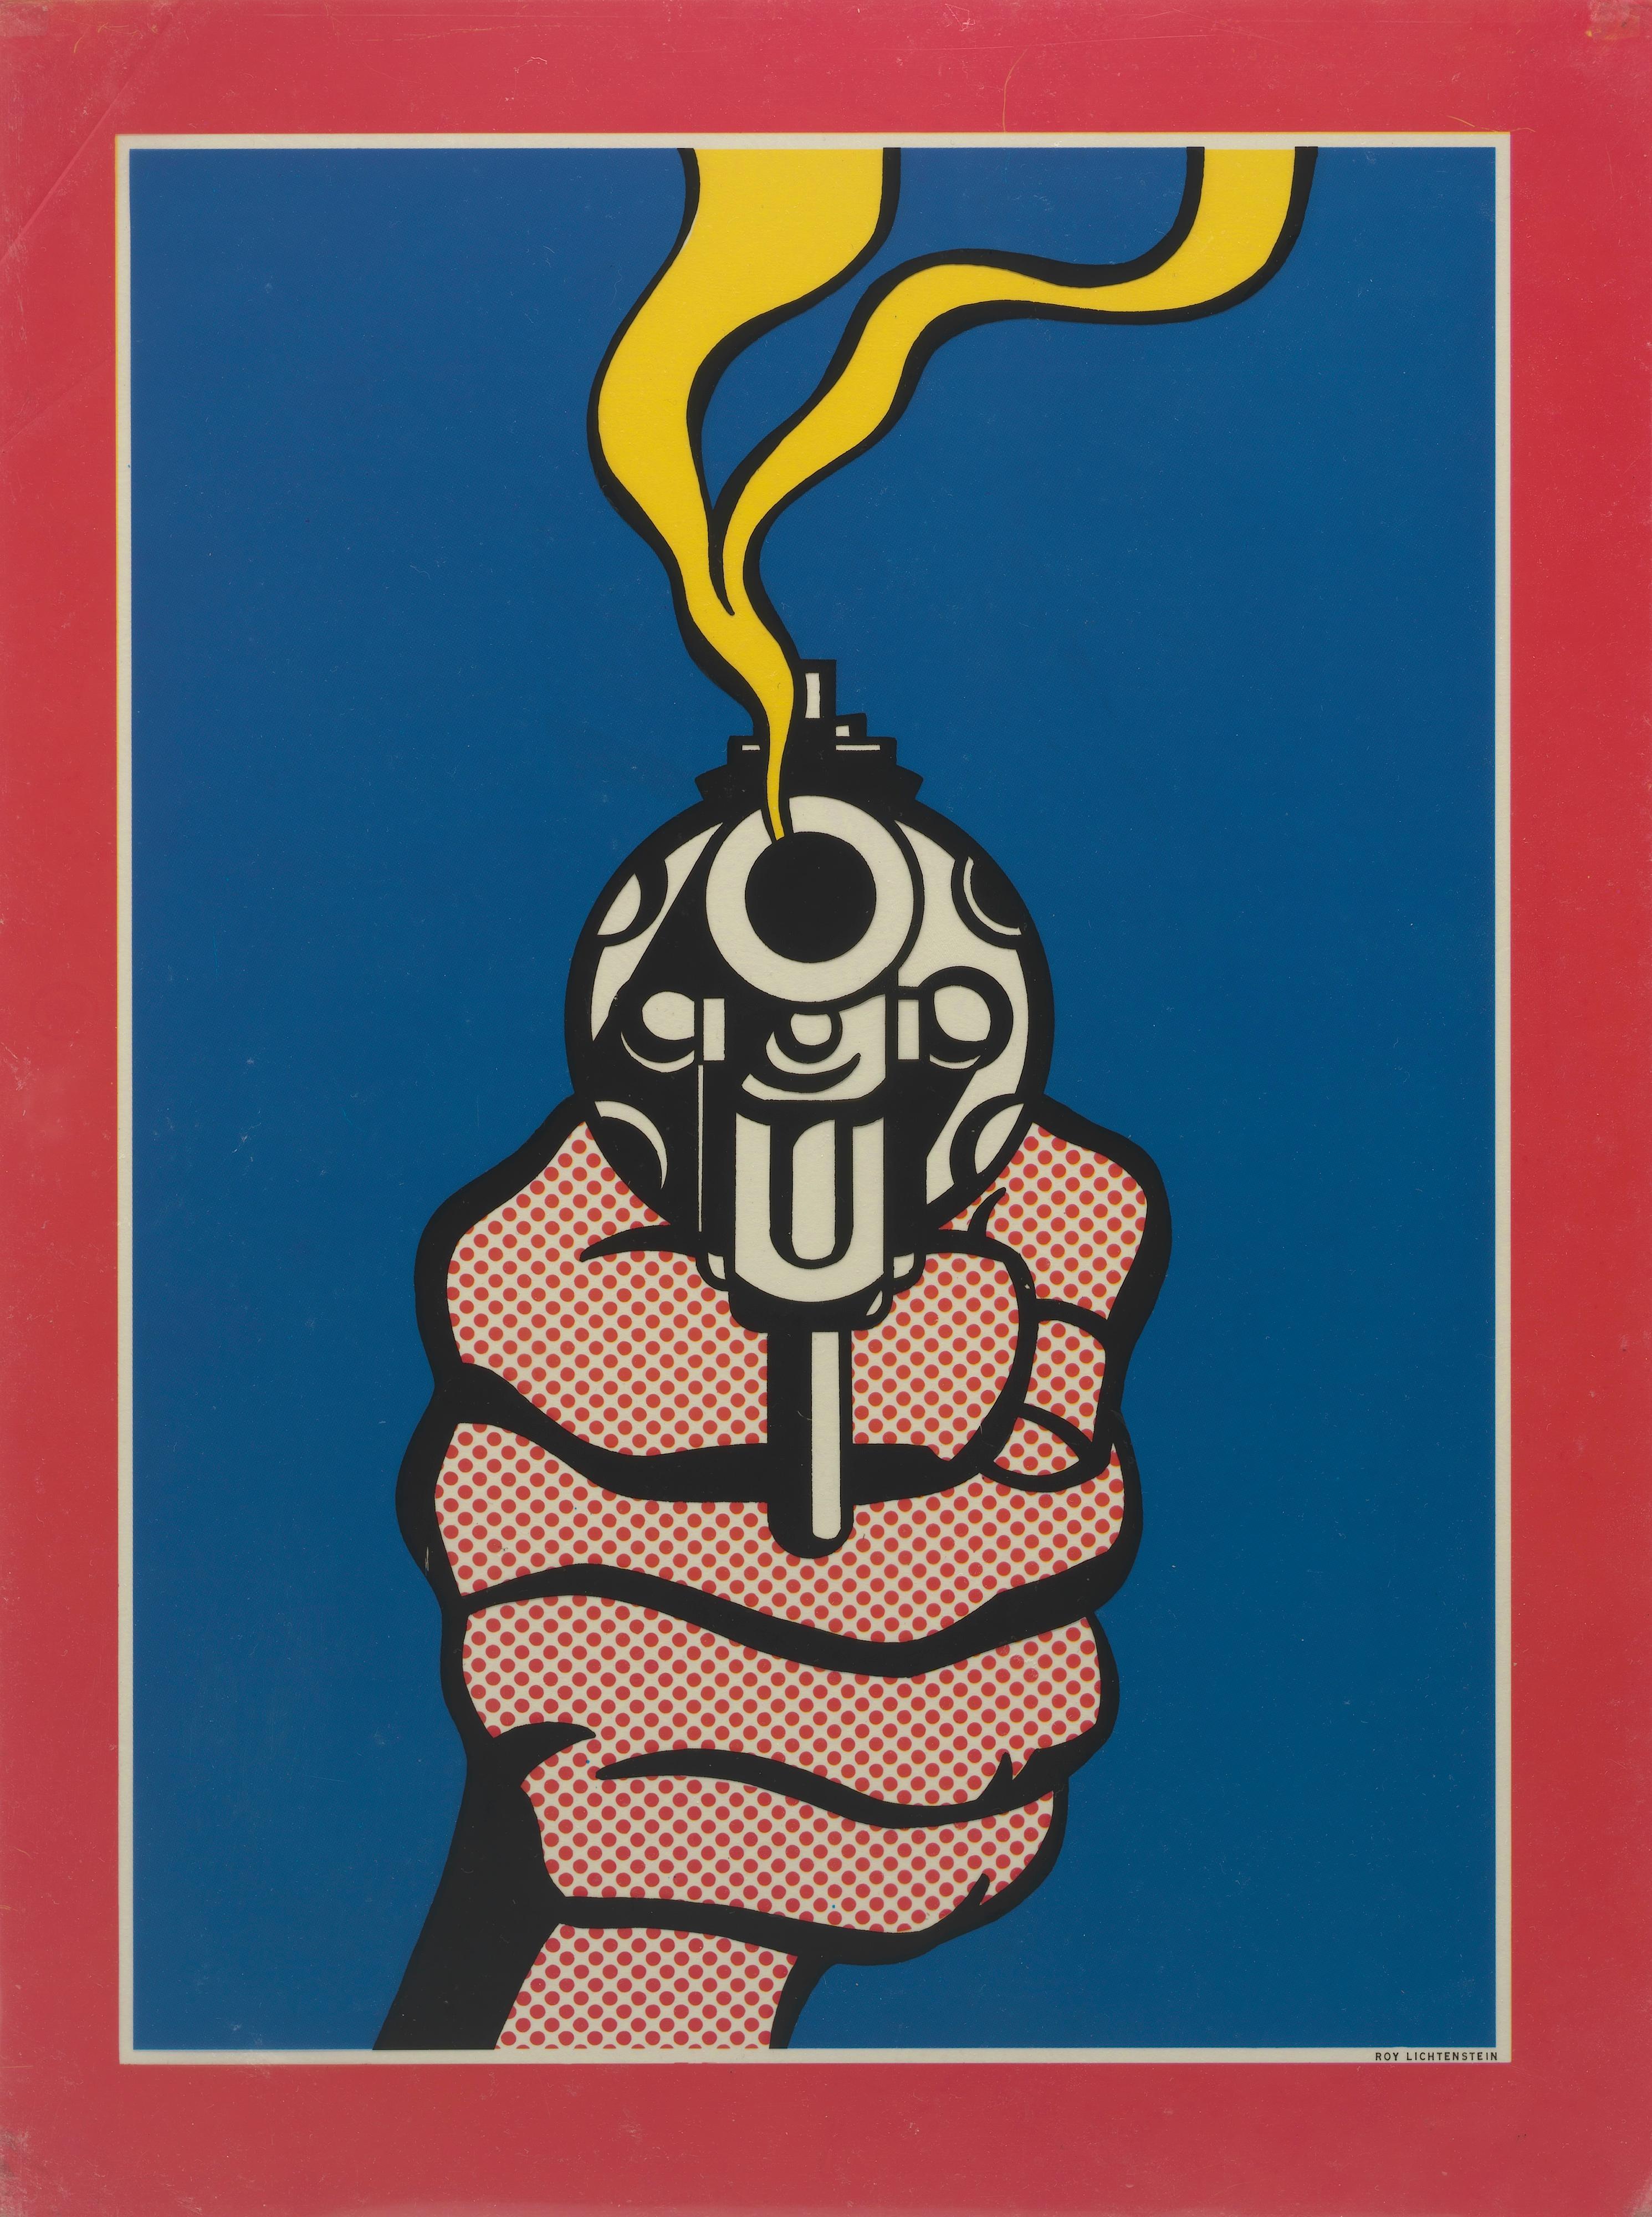 Lichtenstein, Gun in America